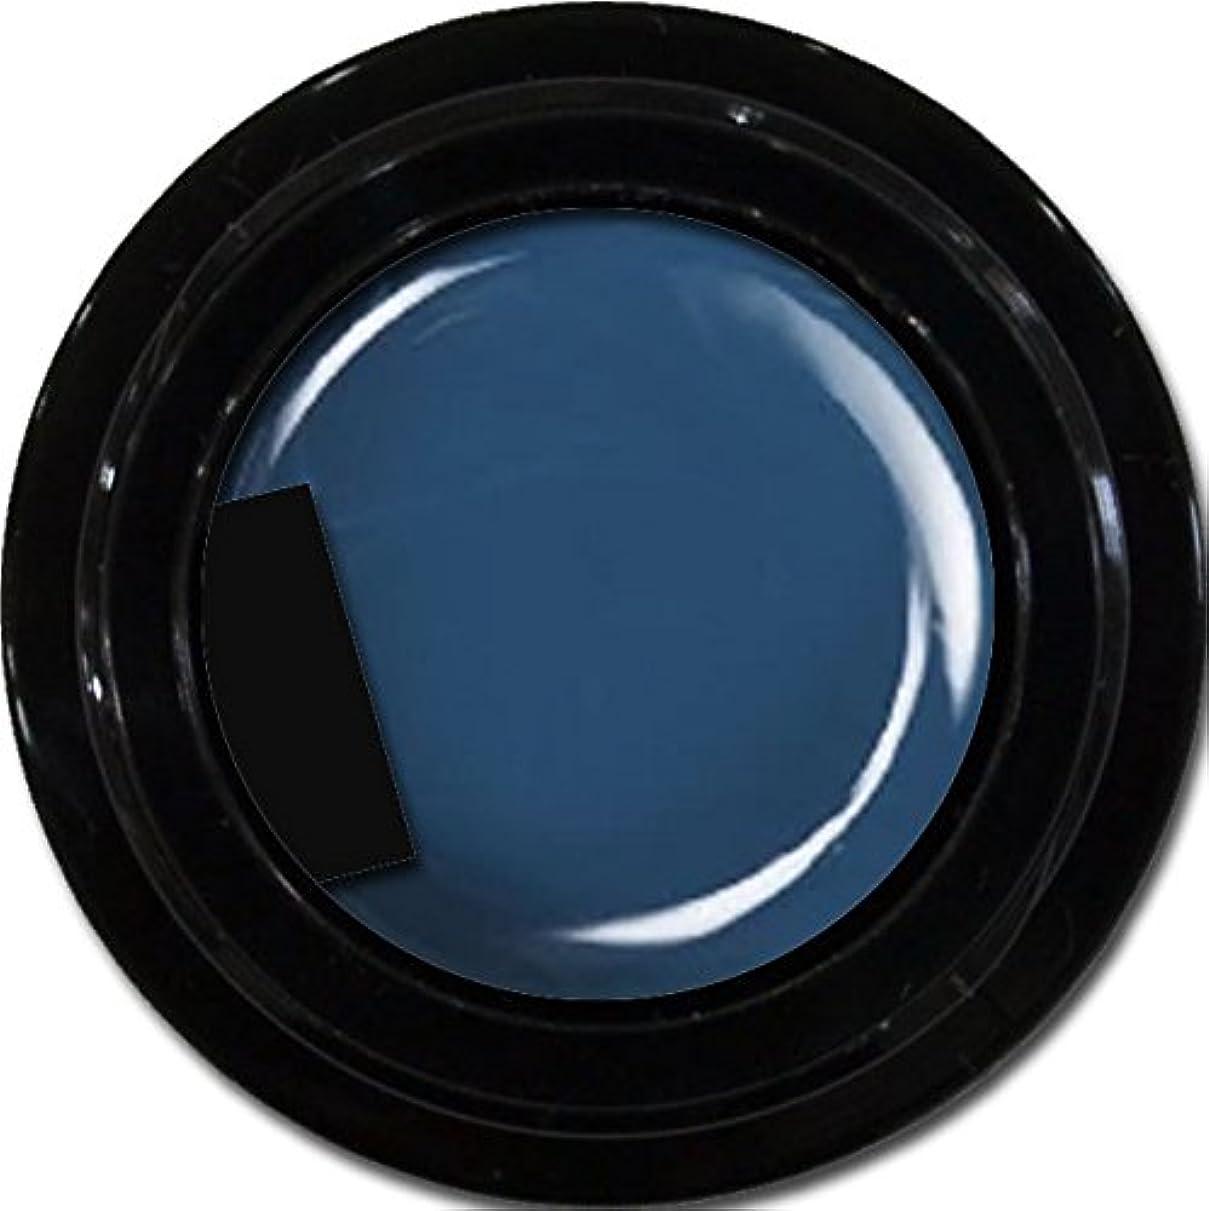 イーウェルエッセンスベンチャーカラージェル enchant color gel M720 BrilliantBlue 3g/ マットカラージェル M720ブリリアントブルー 3グラム